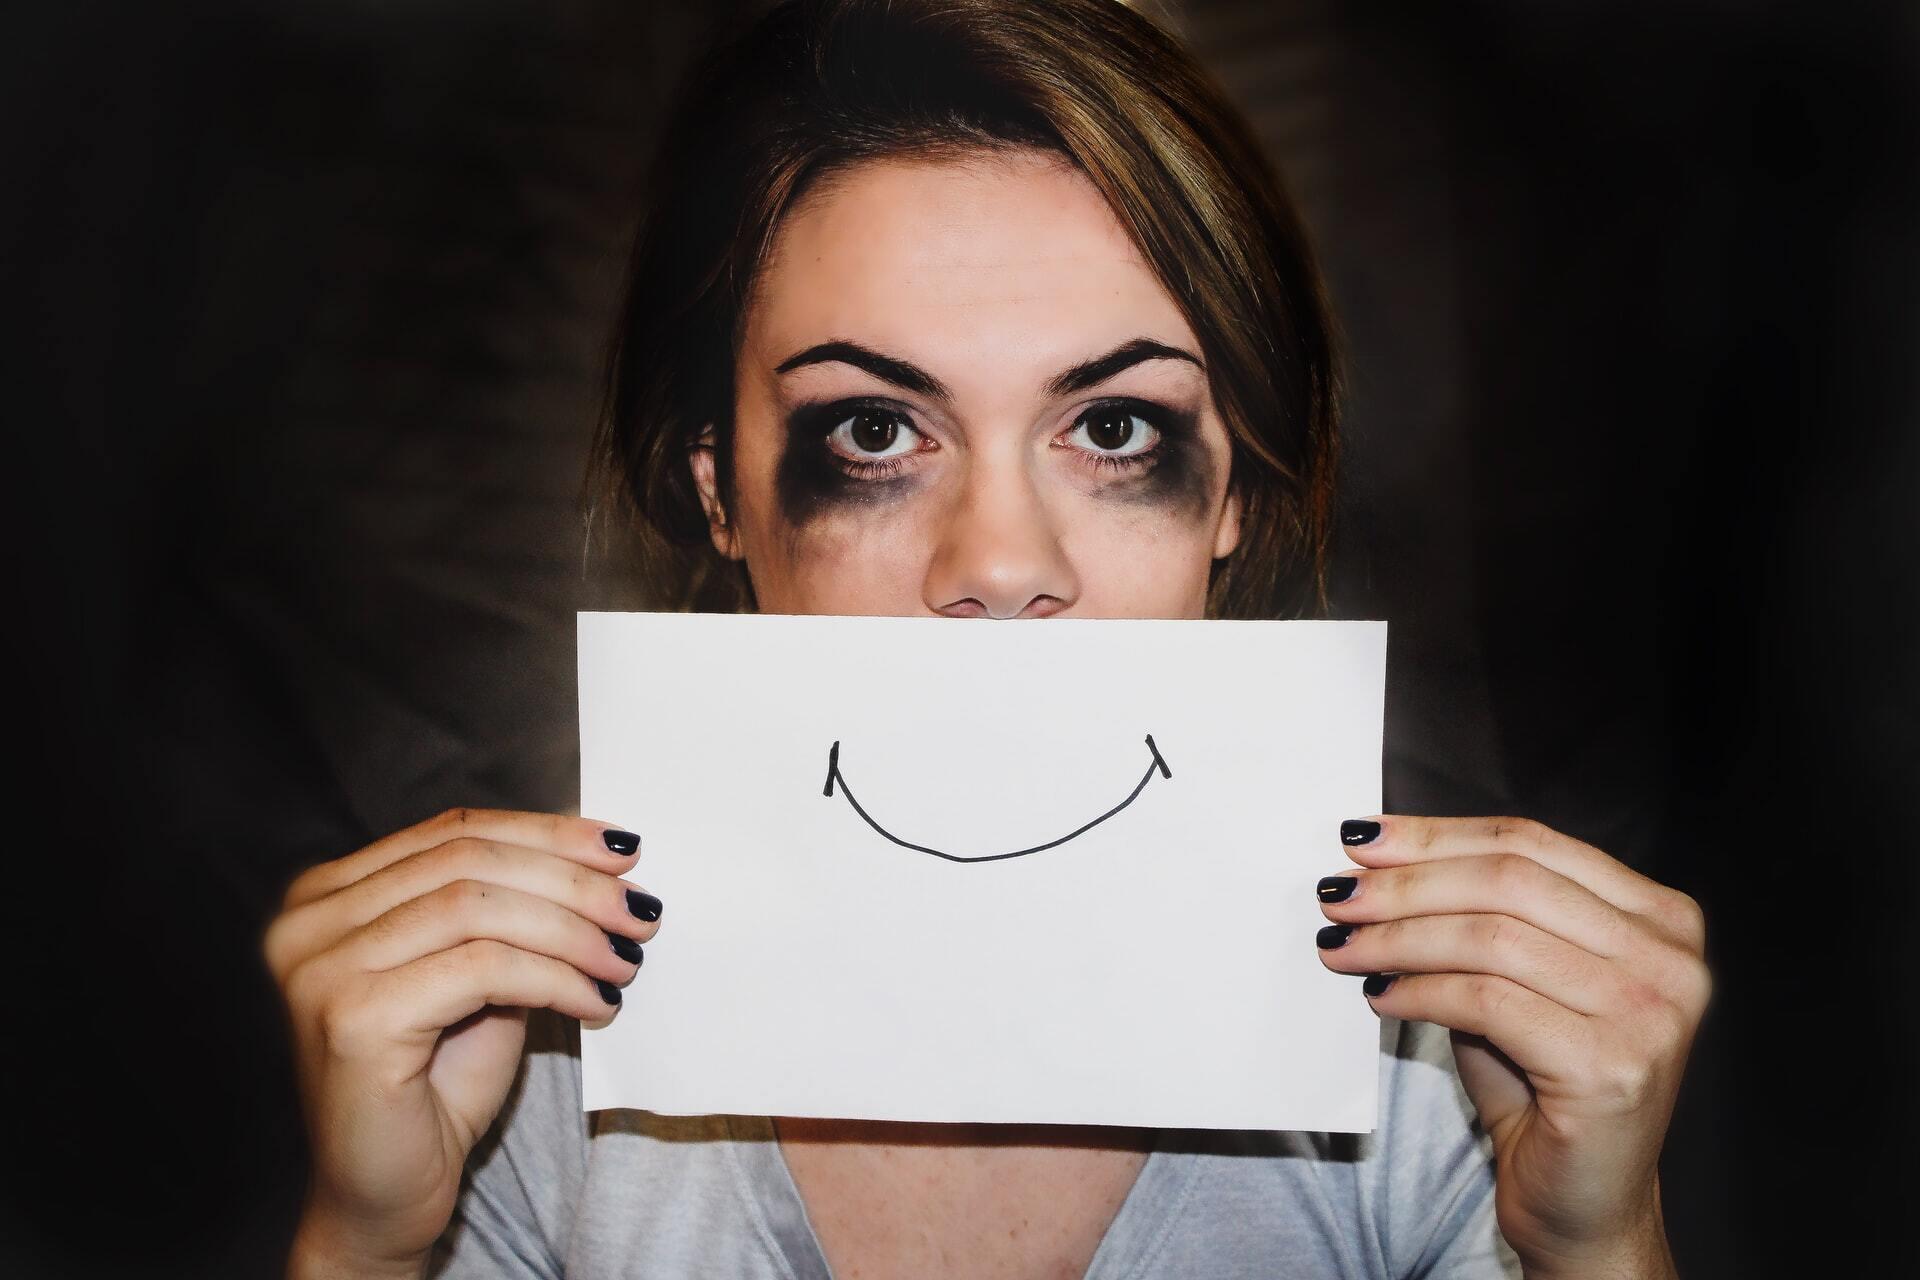 Если не получается справиться с депрессией, обратитесь к психологу